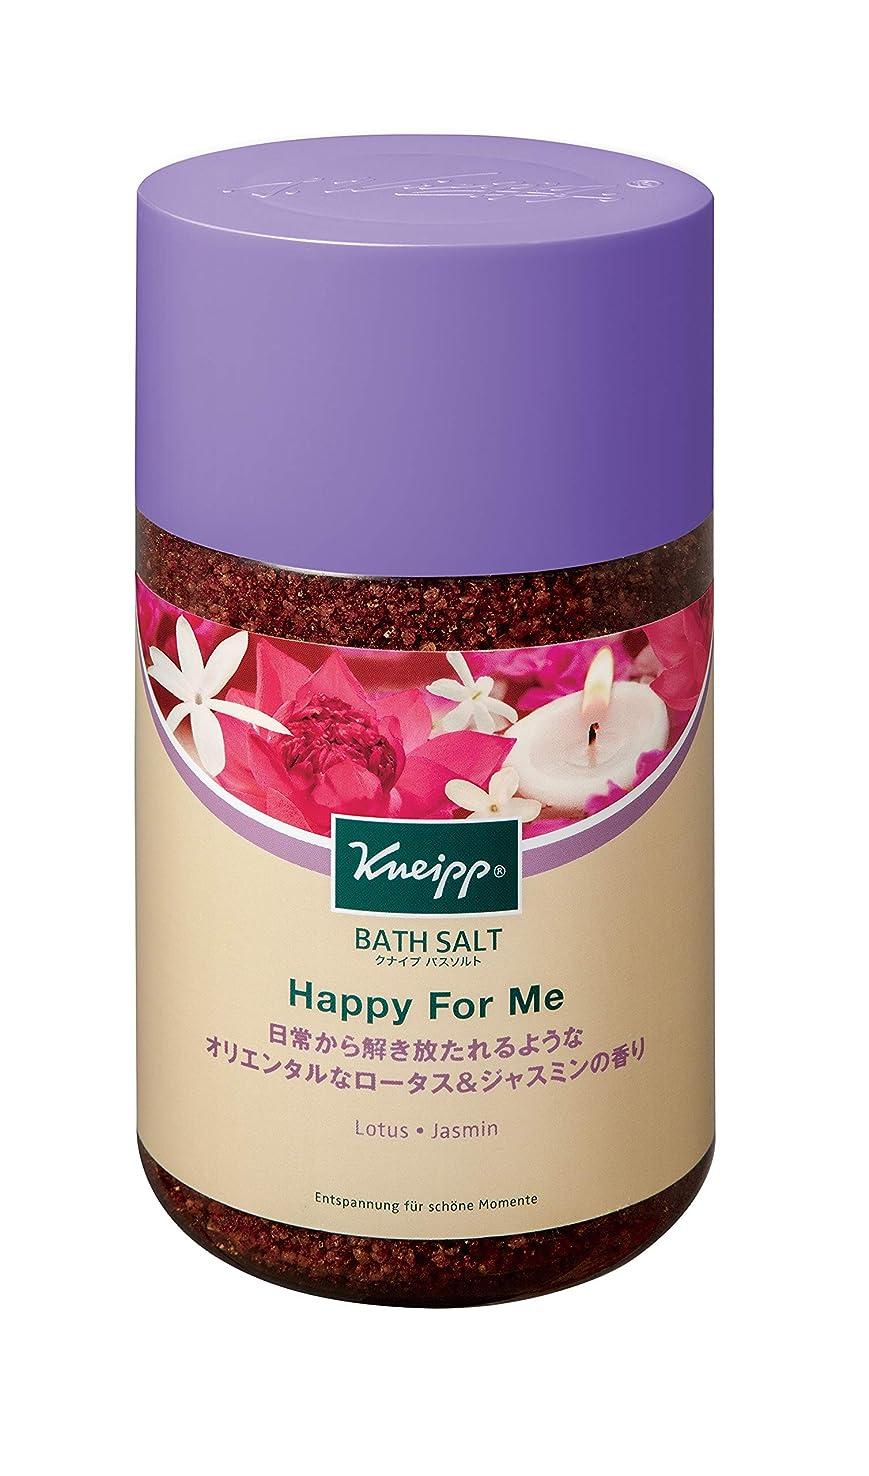 乱用方法論とにかくクナイプ バスソルト ハッピーフォーミー ロータス&ジャスミンの香り